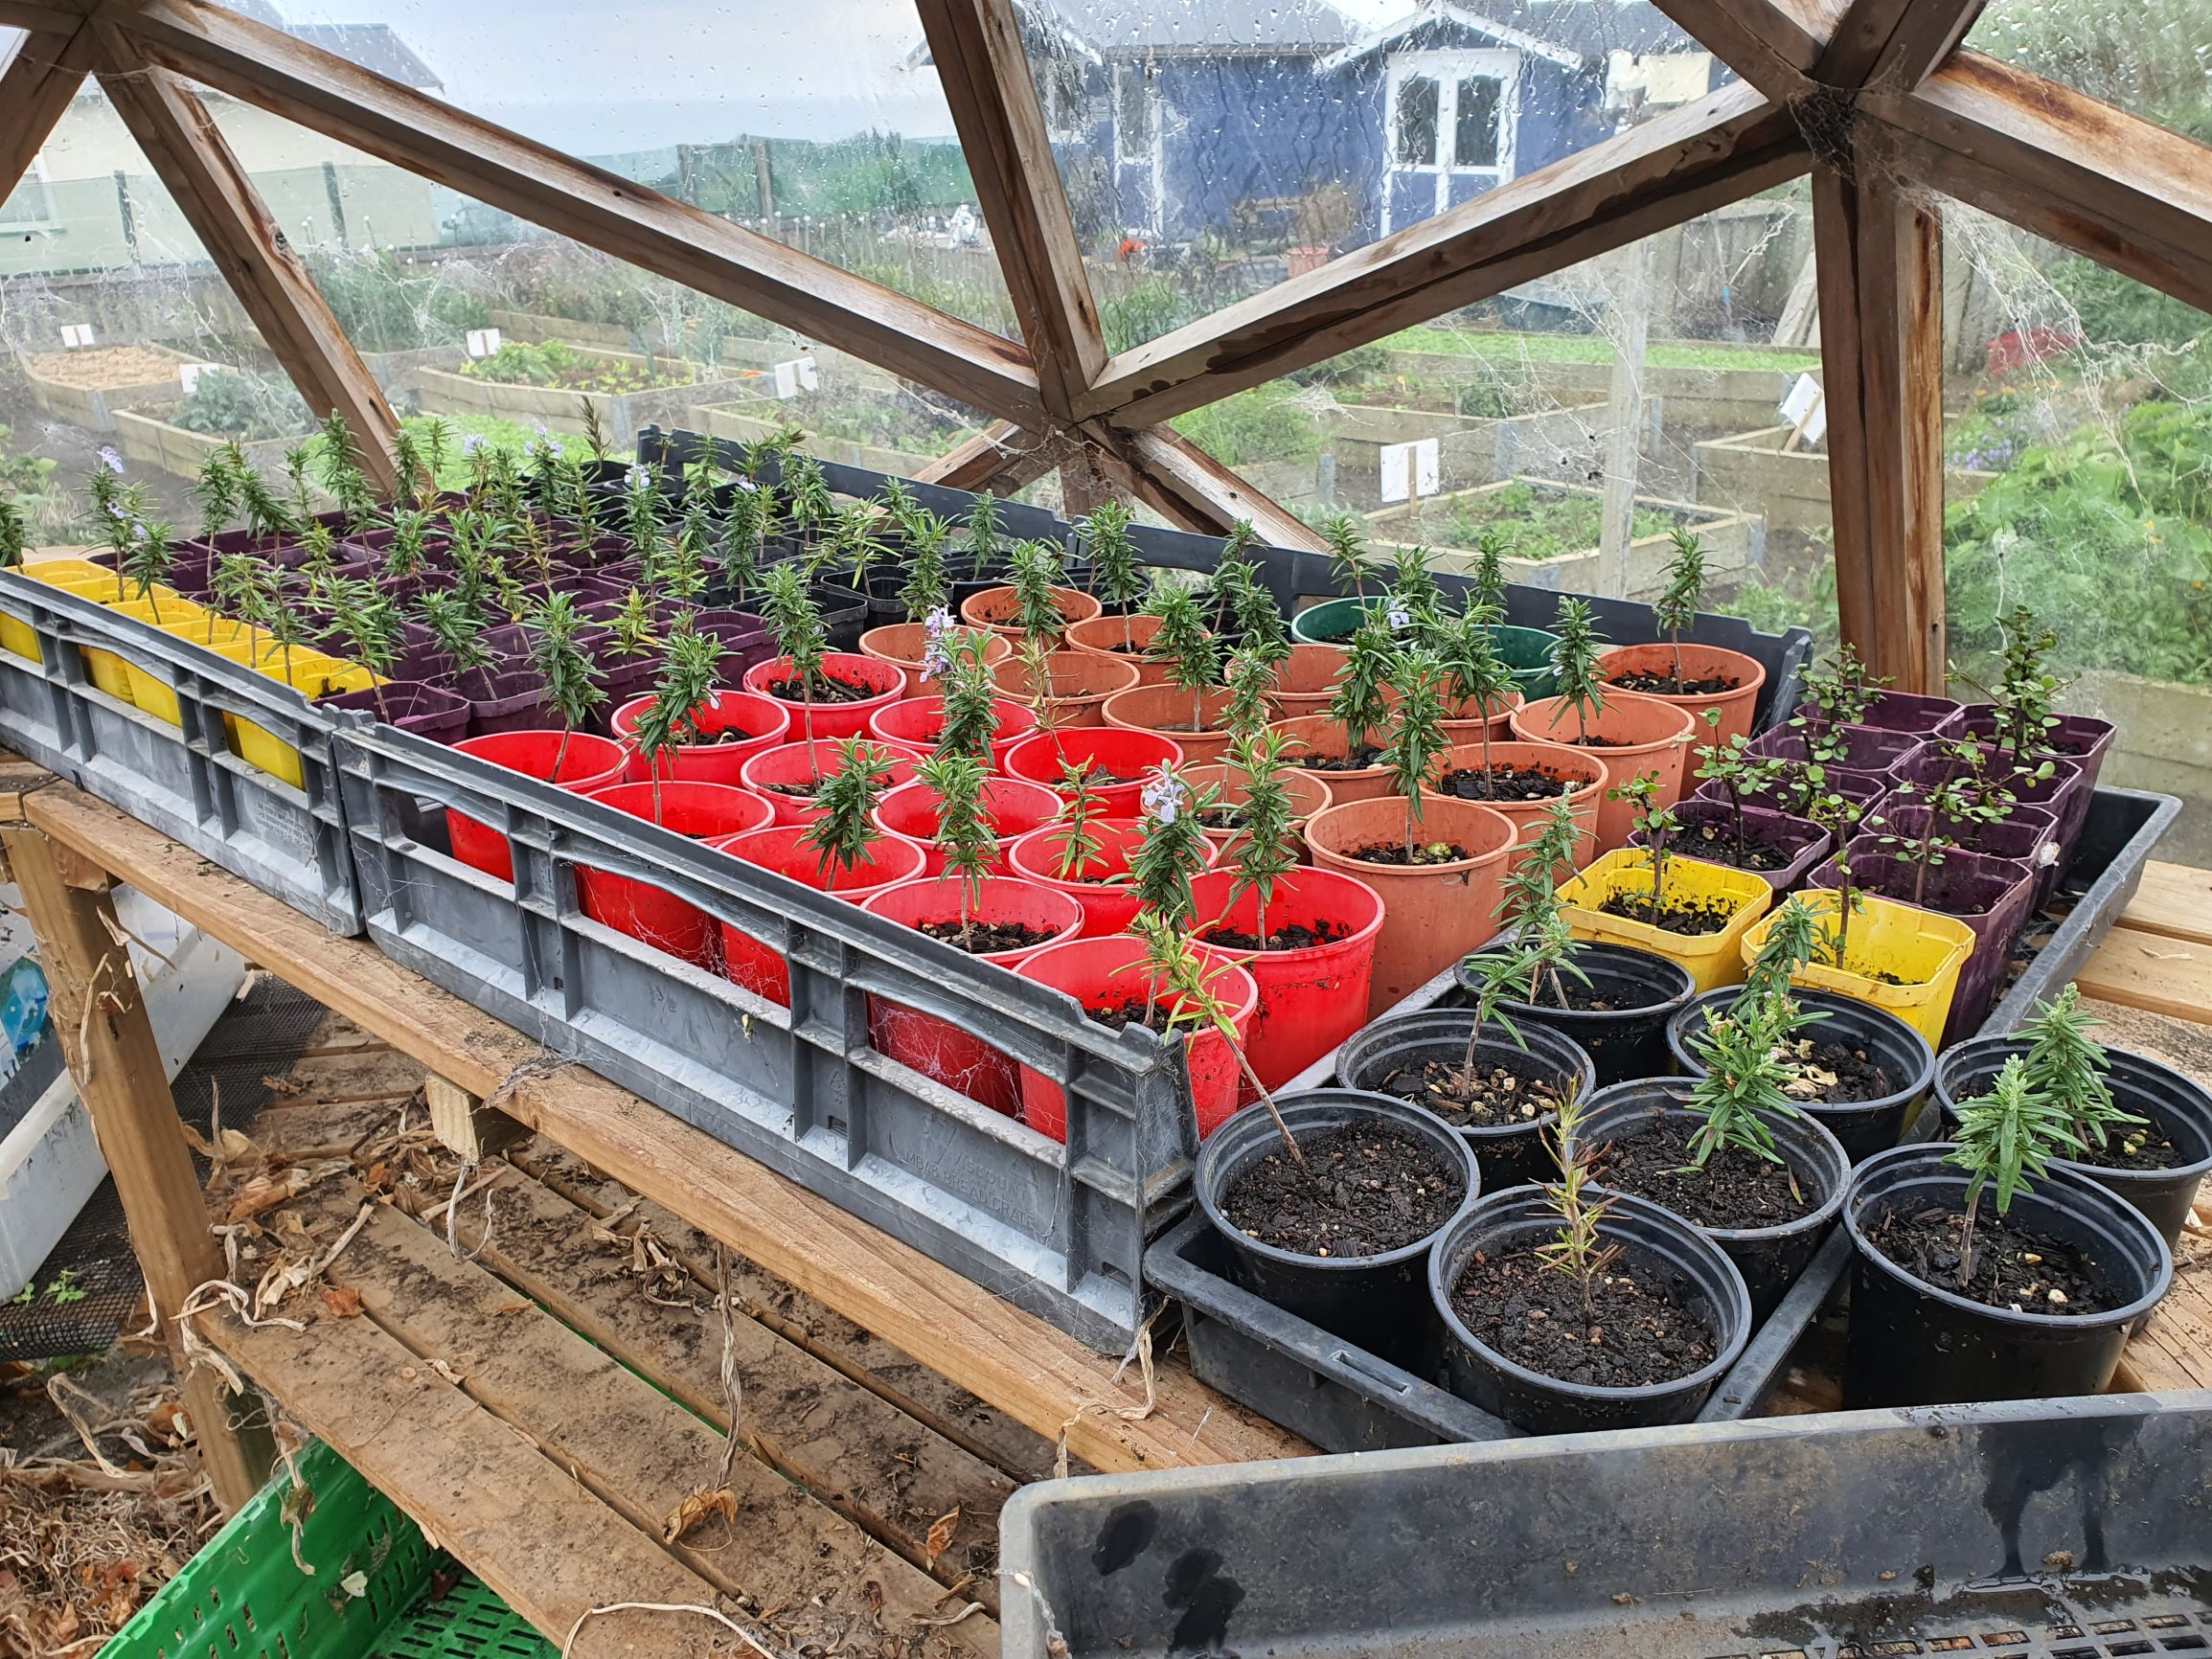 rosemary cuttings